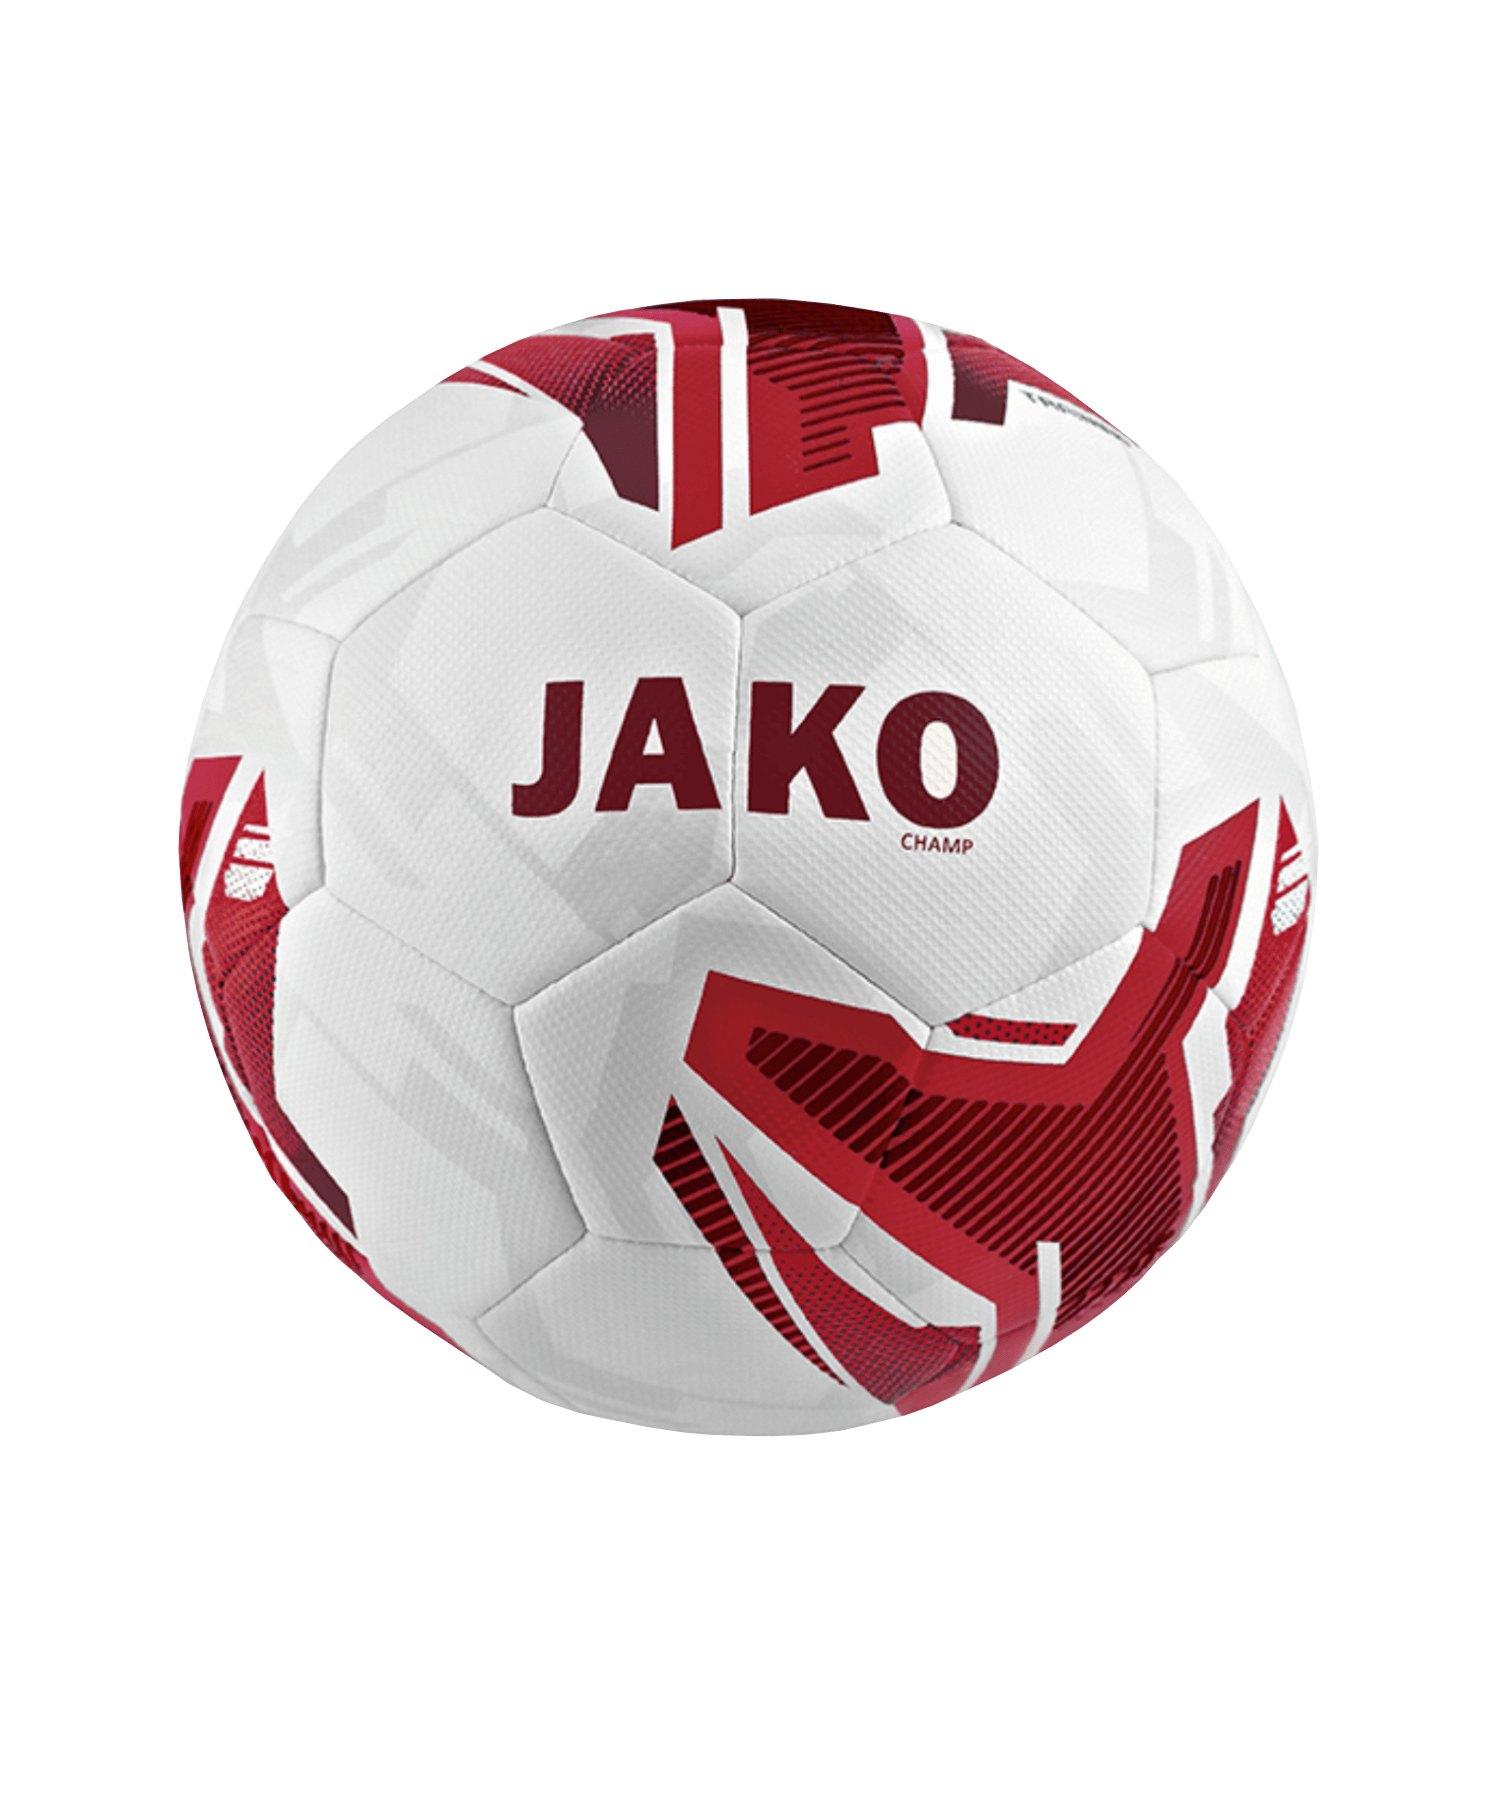 JAKO Champ Lightball Hybrid 290 Gr. Gr.3 Weiss F01 - weiss